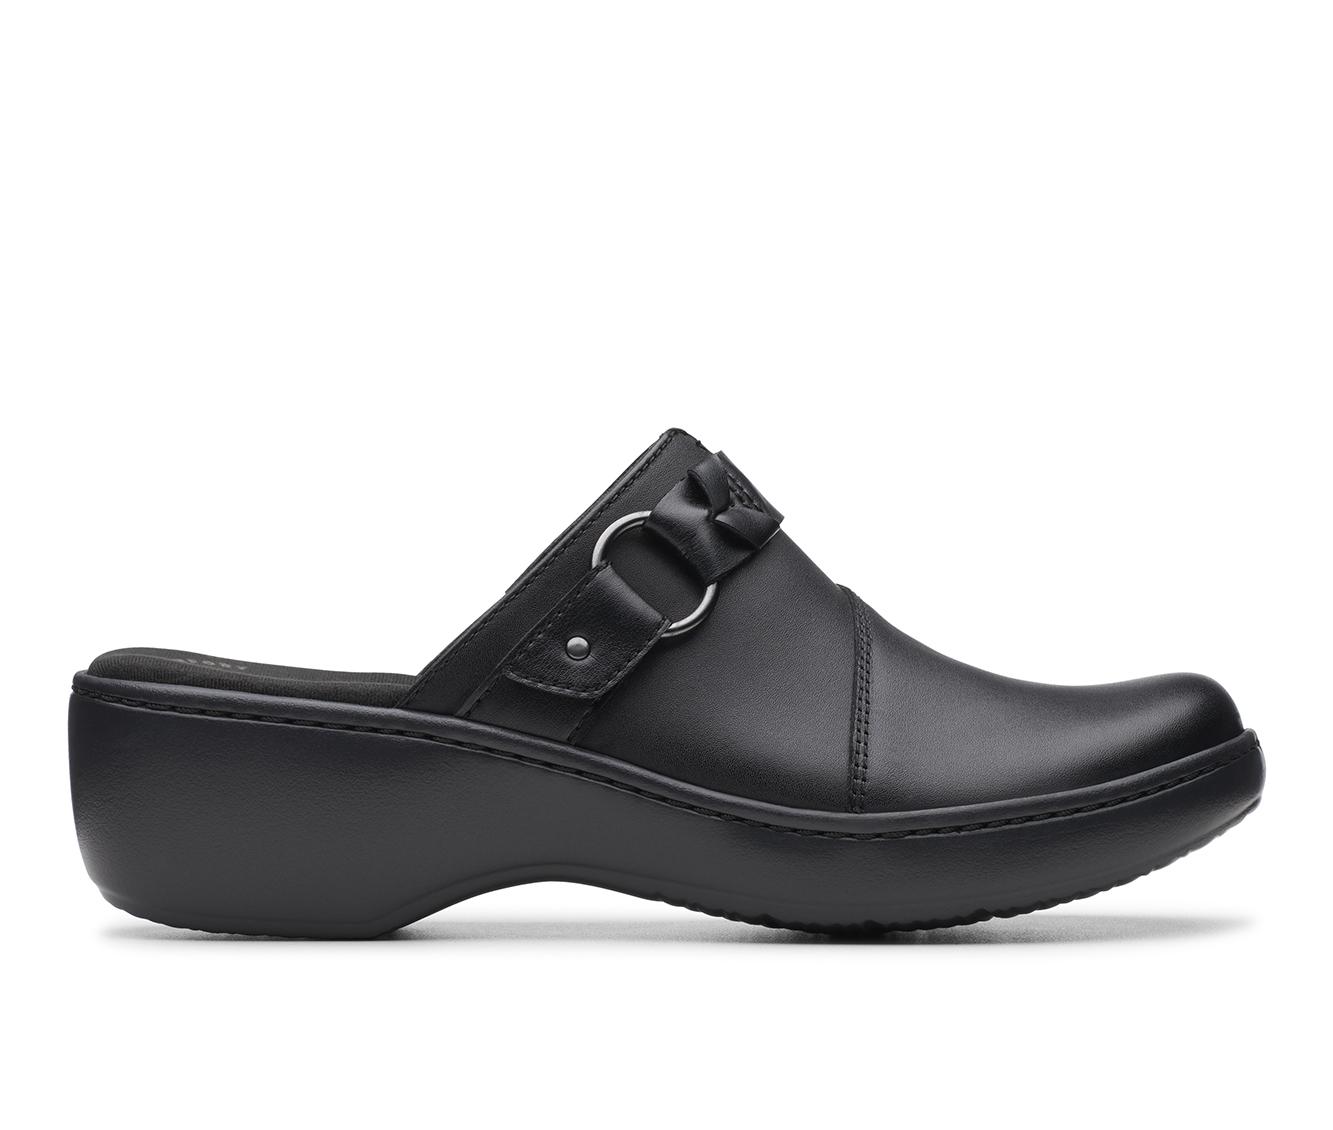 Clarks Delana Misty Women's Shoe (Black Leather)